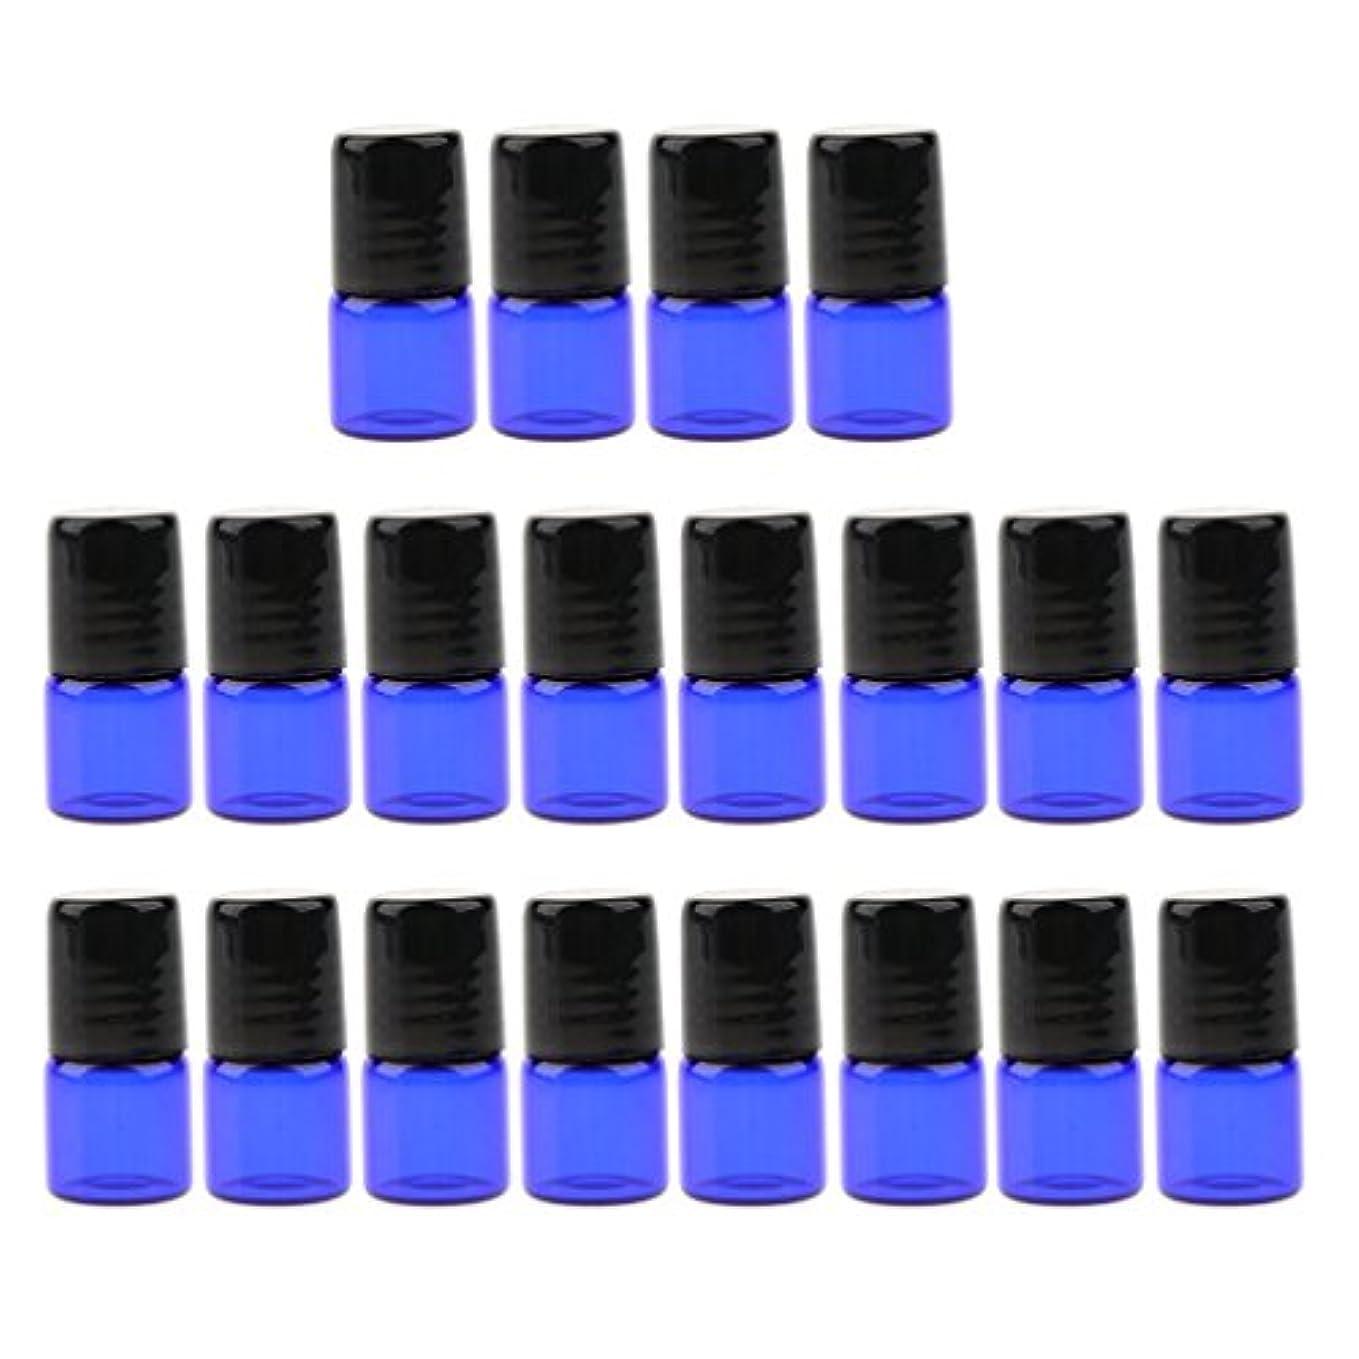 ずるい付属品序文chiwanji エッセンシャルオイル ボトル ガラス ローラーボール 香水ボトル 詰め替え可能な 3サイズ選べ - 1 ml